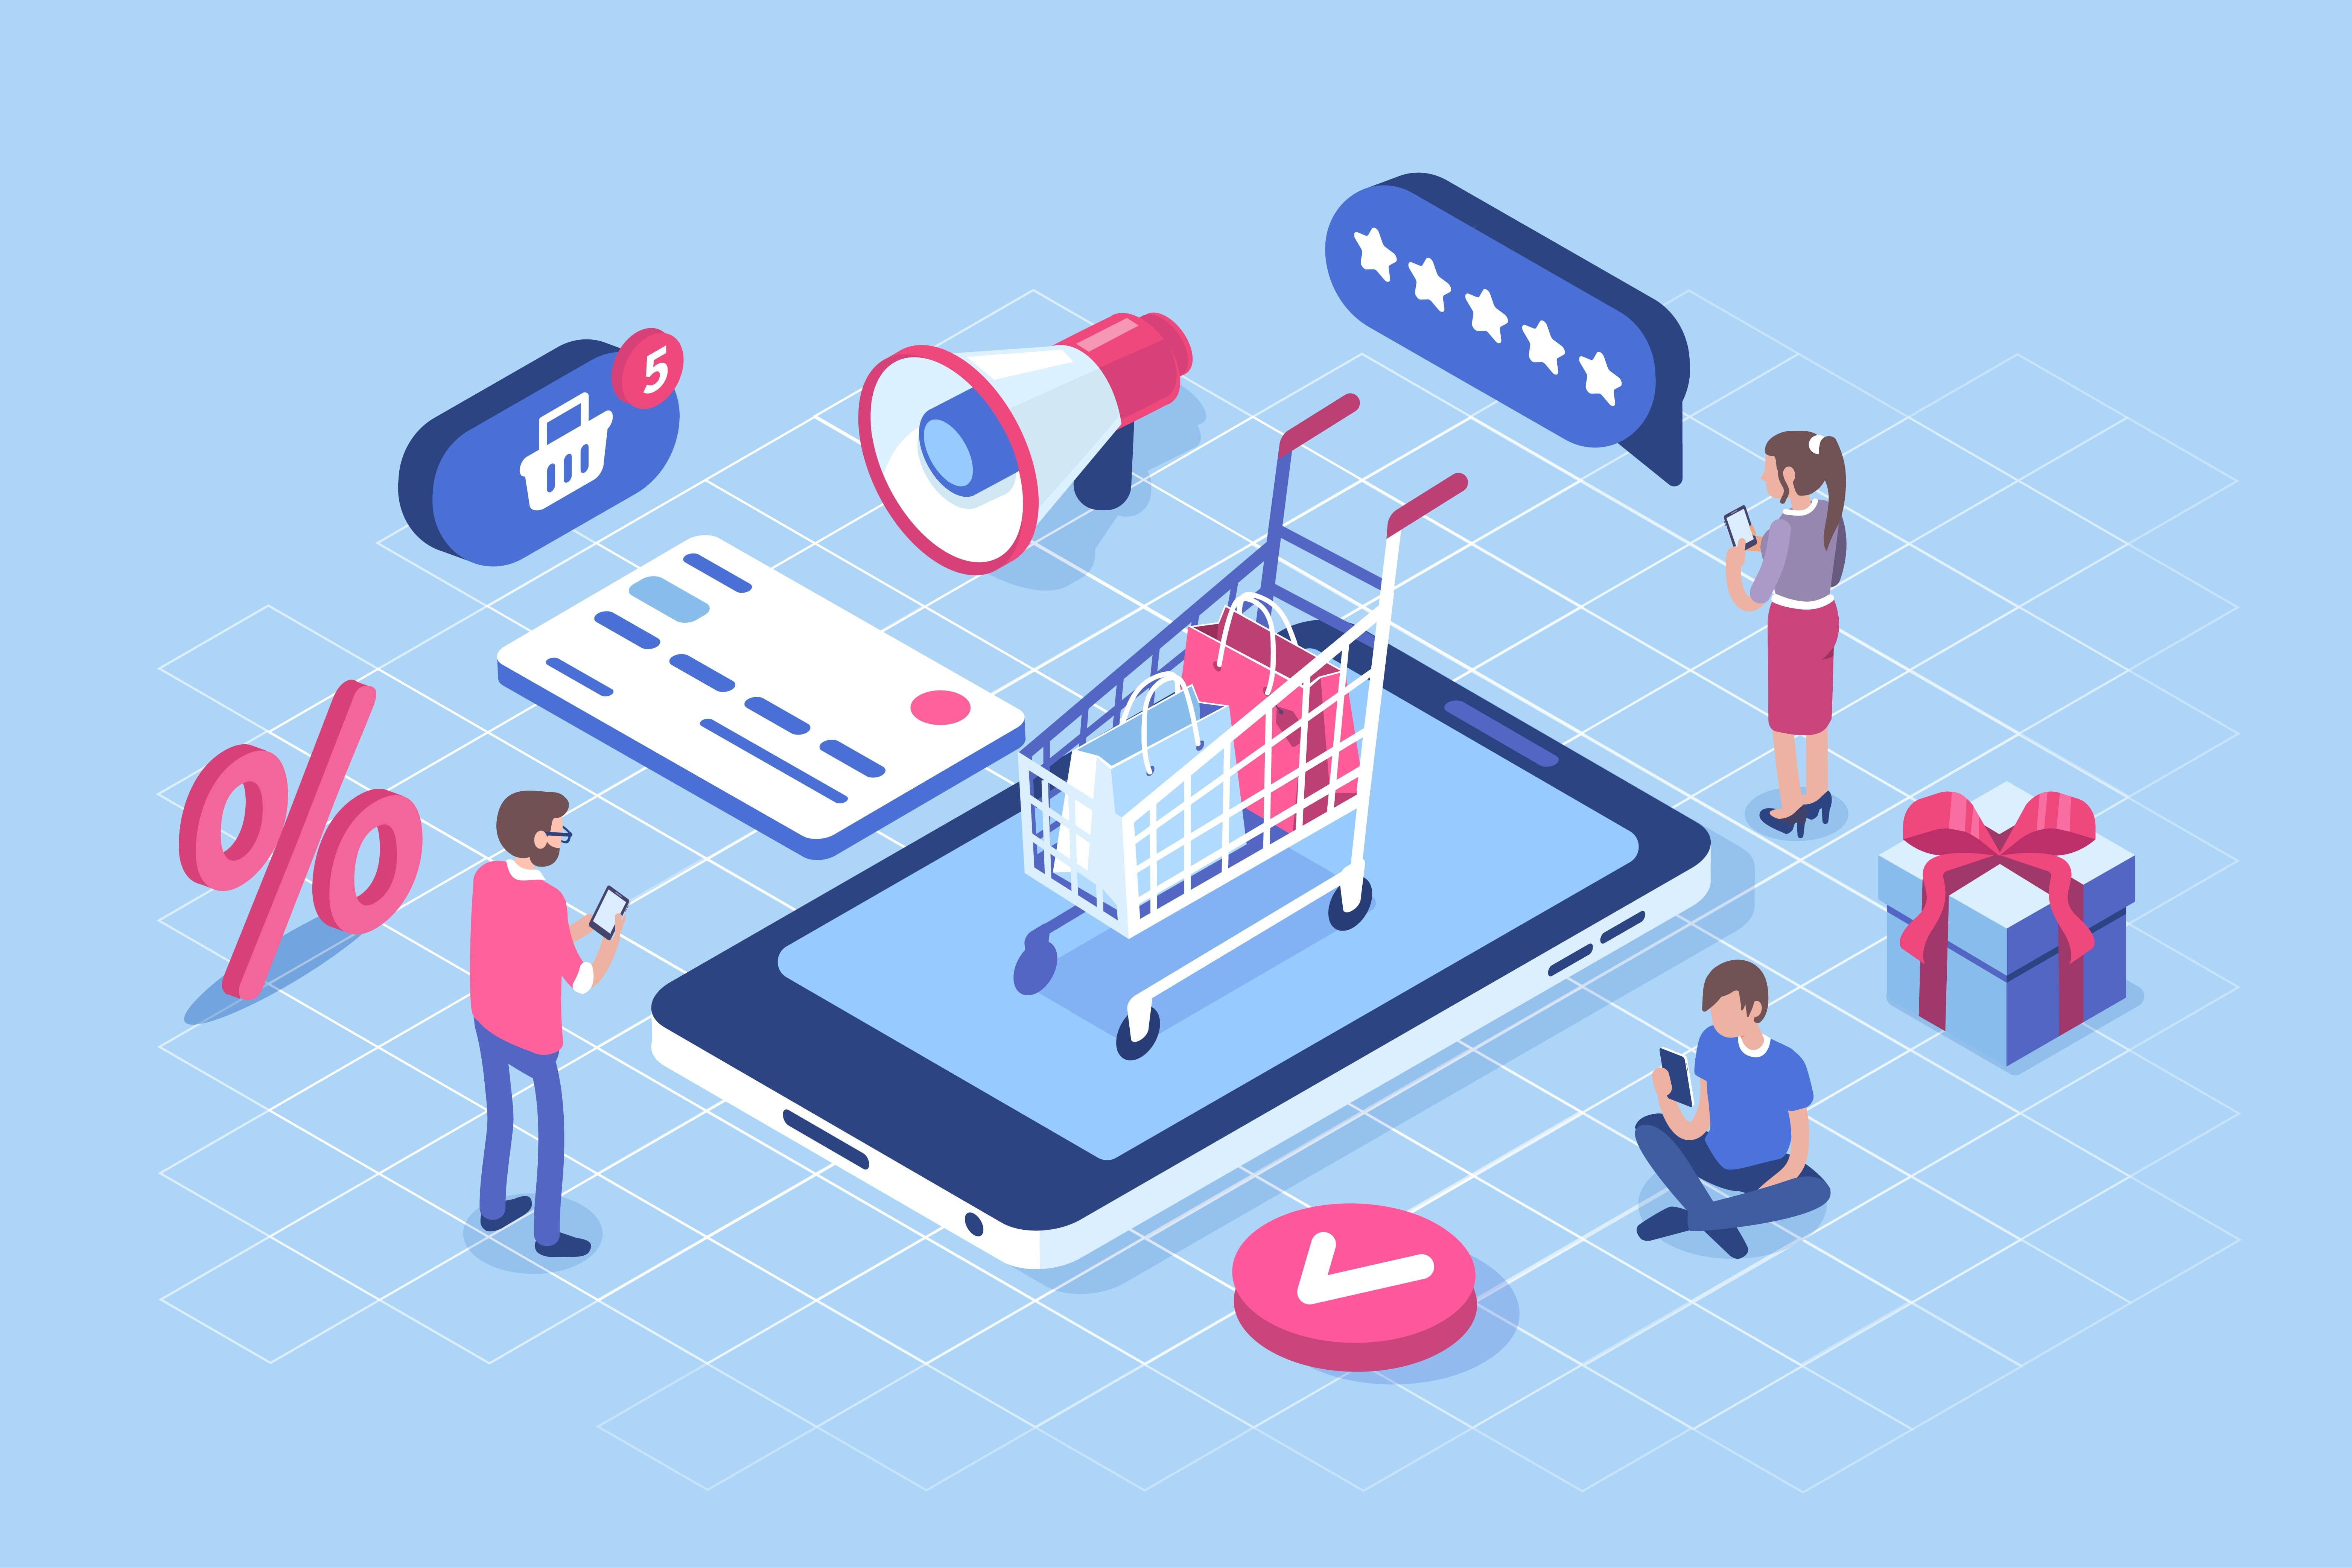 Imagem de um carrinho de compras em cima de um celular para remeter ao m-commerce